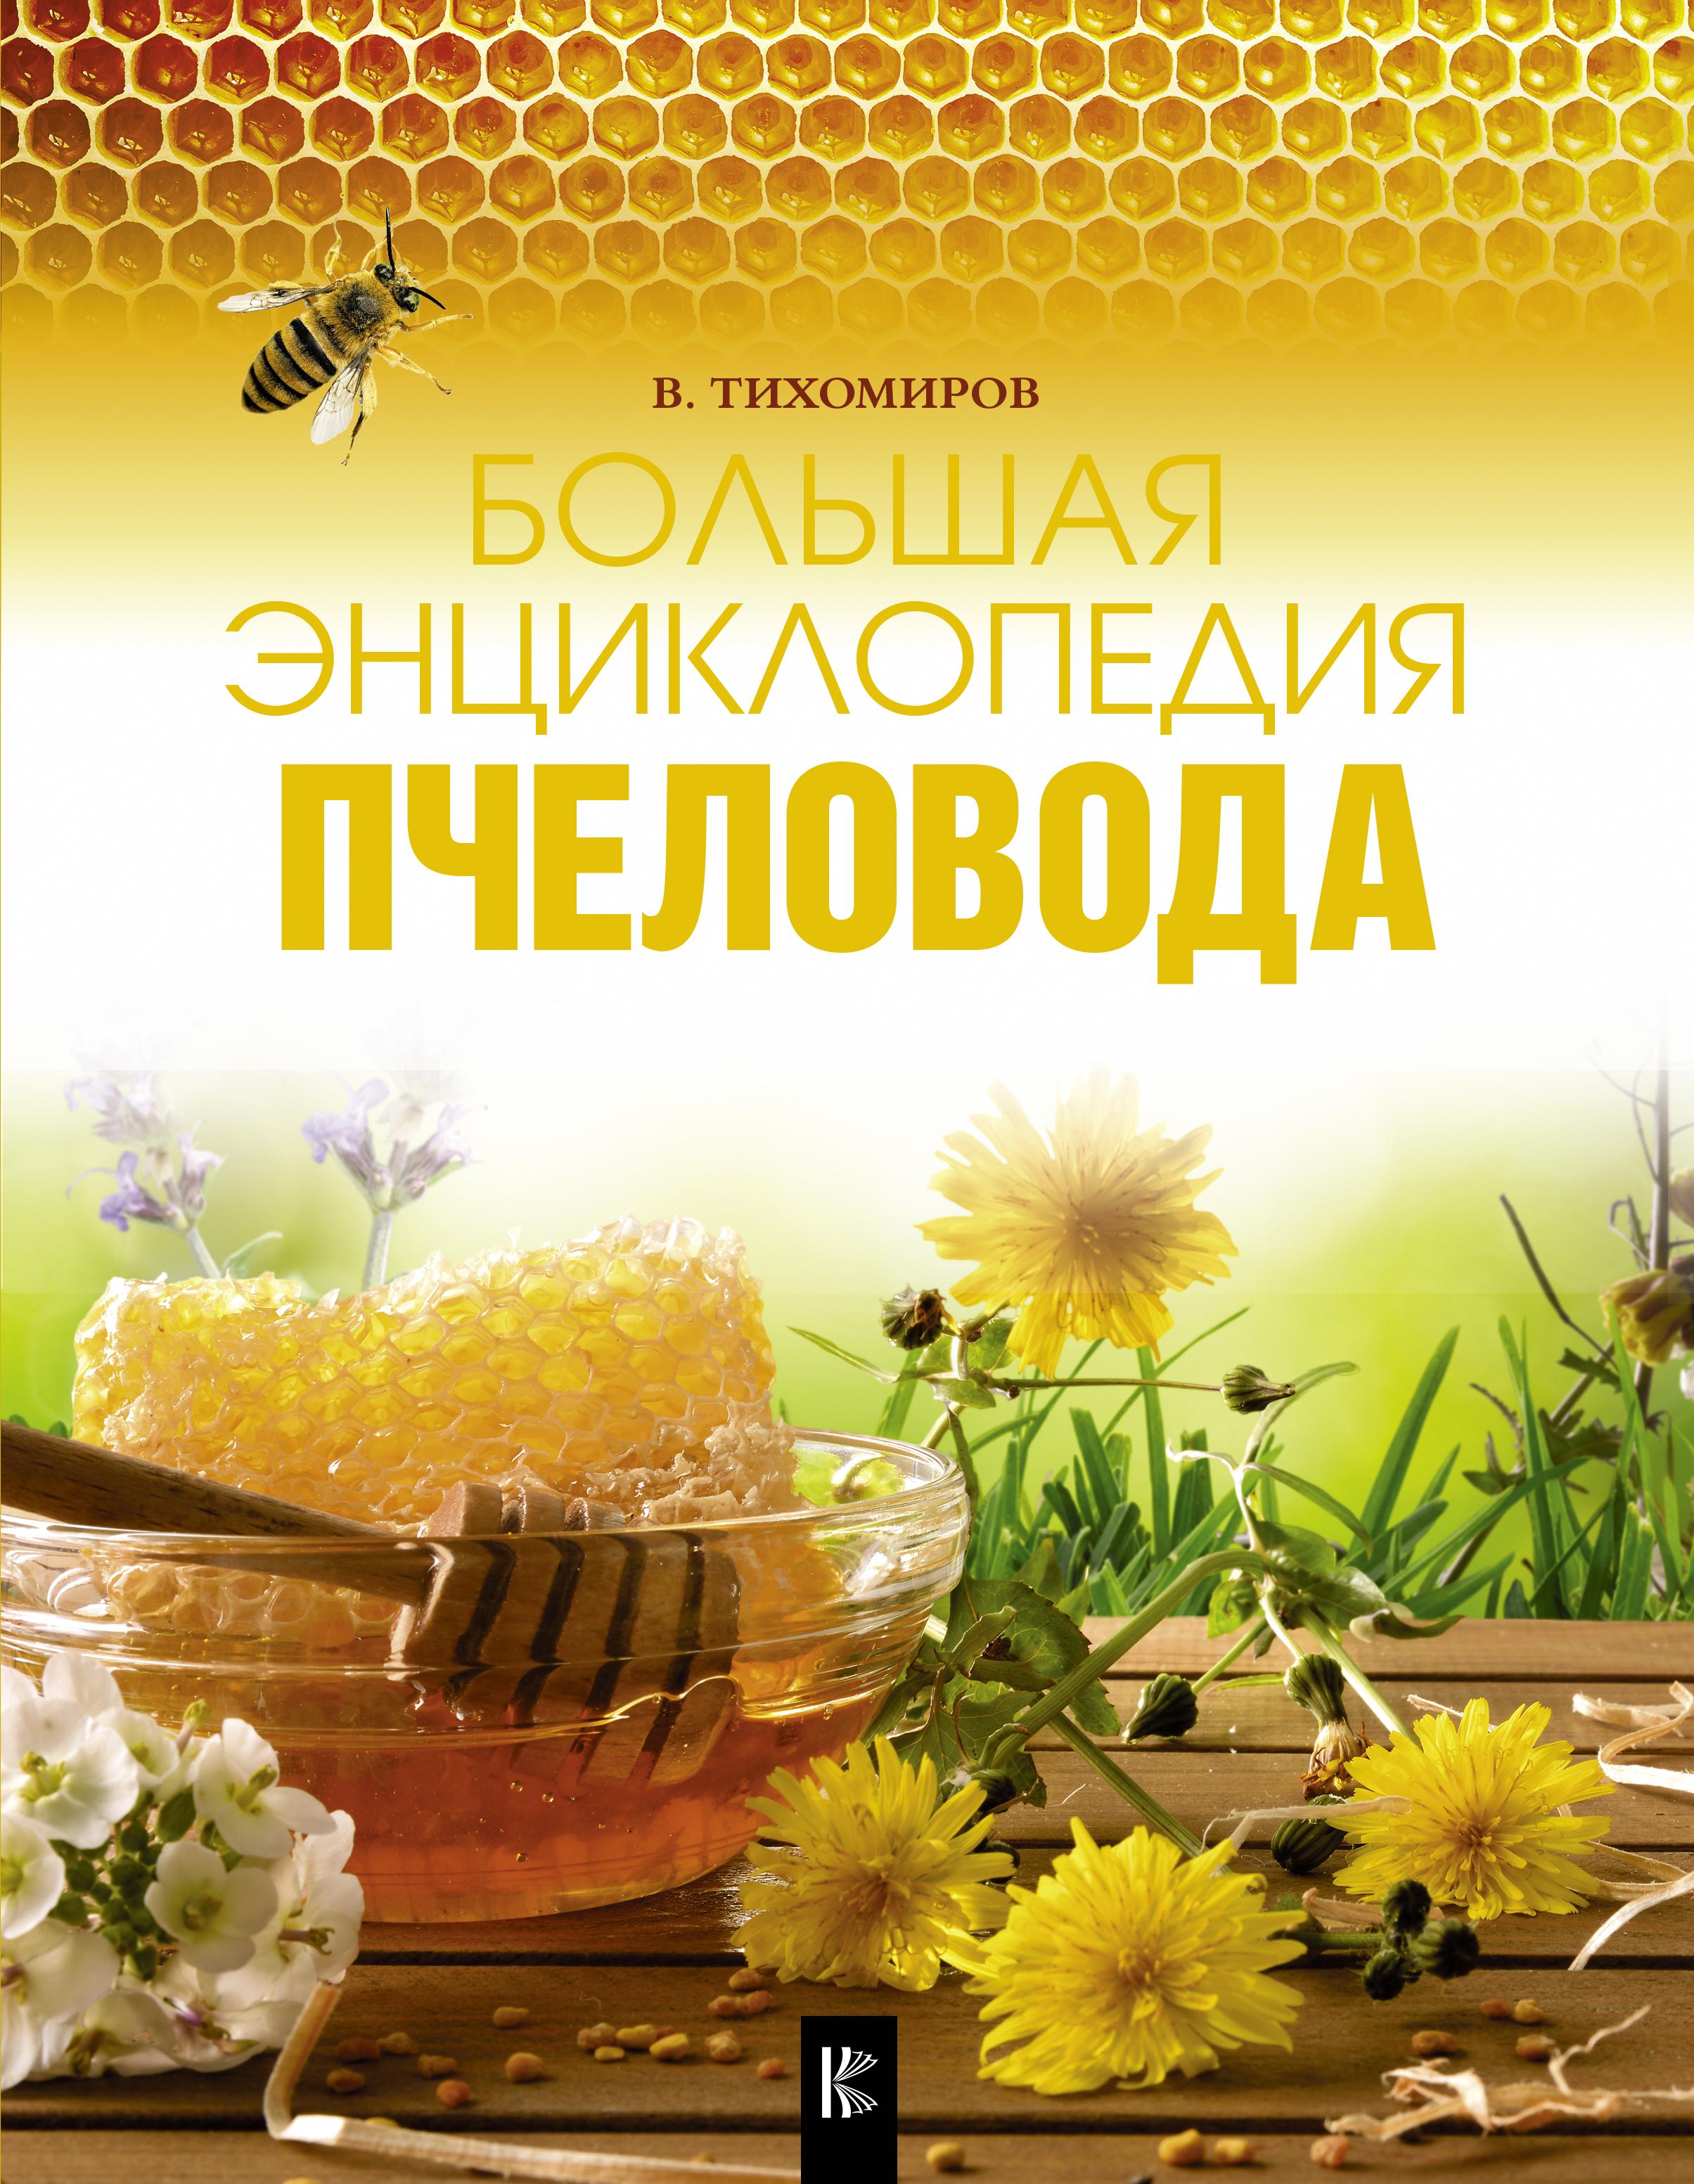 В. Тихомиров Большая энциклопедия пчеловода александр очеретний большая энциклопедия пчеловода